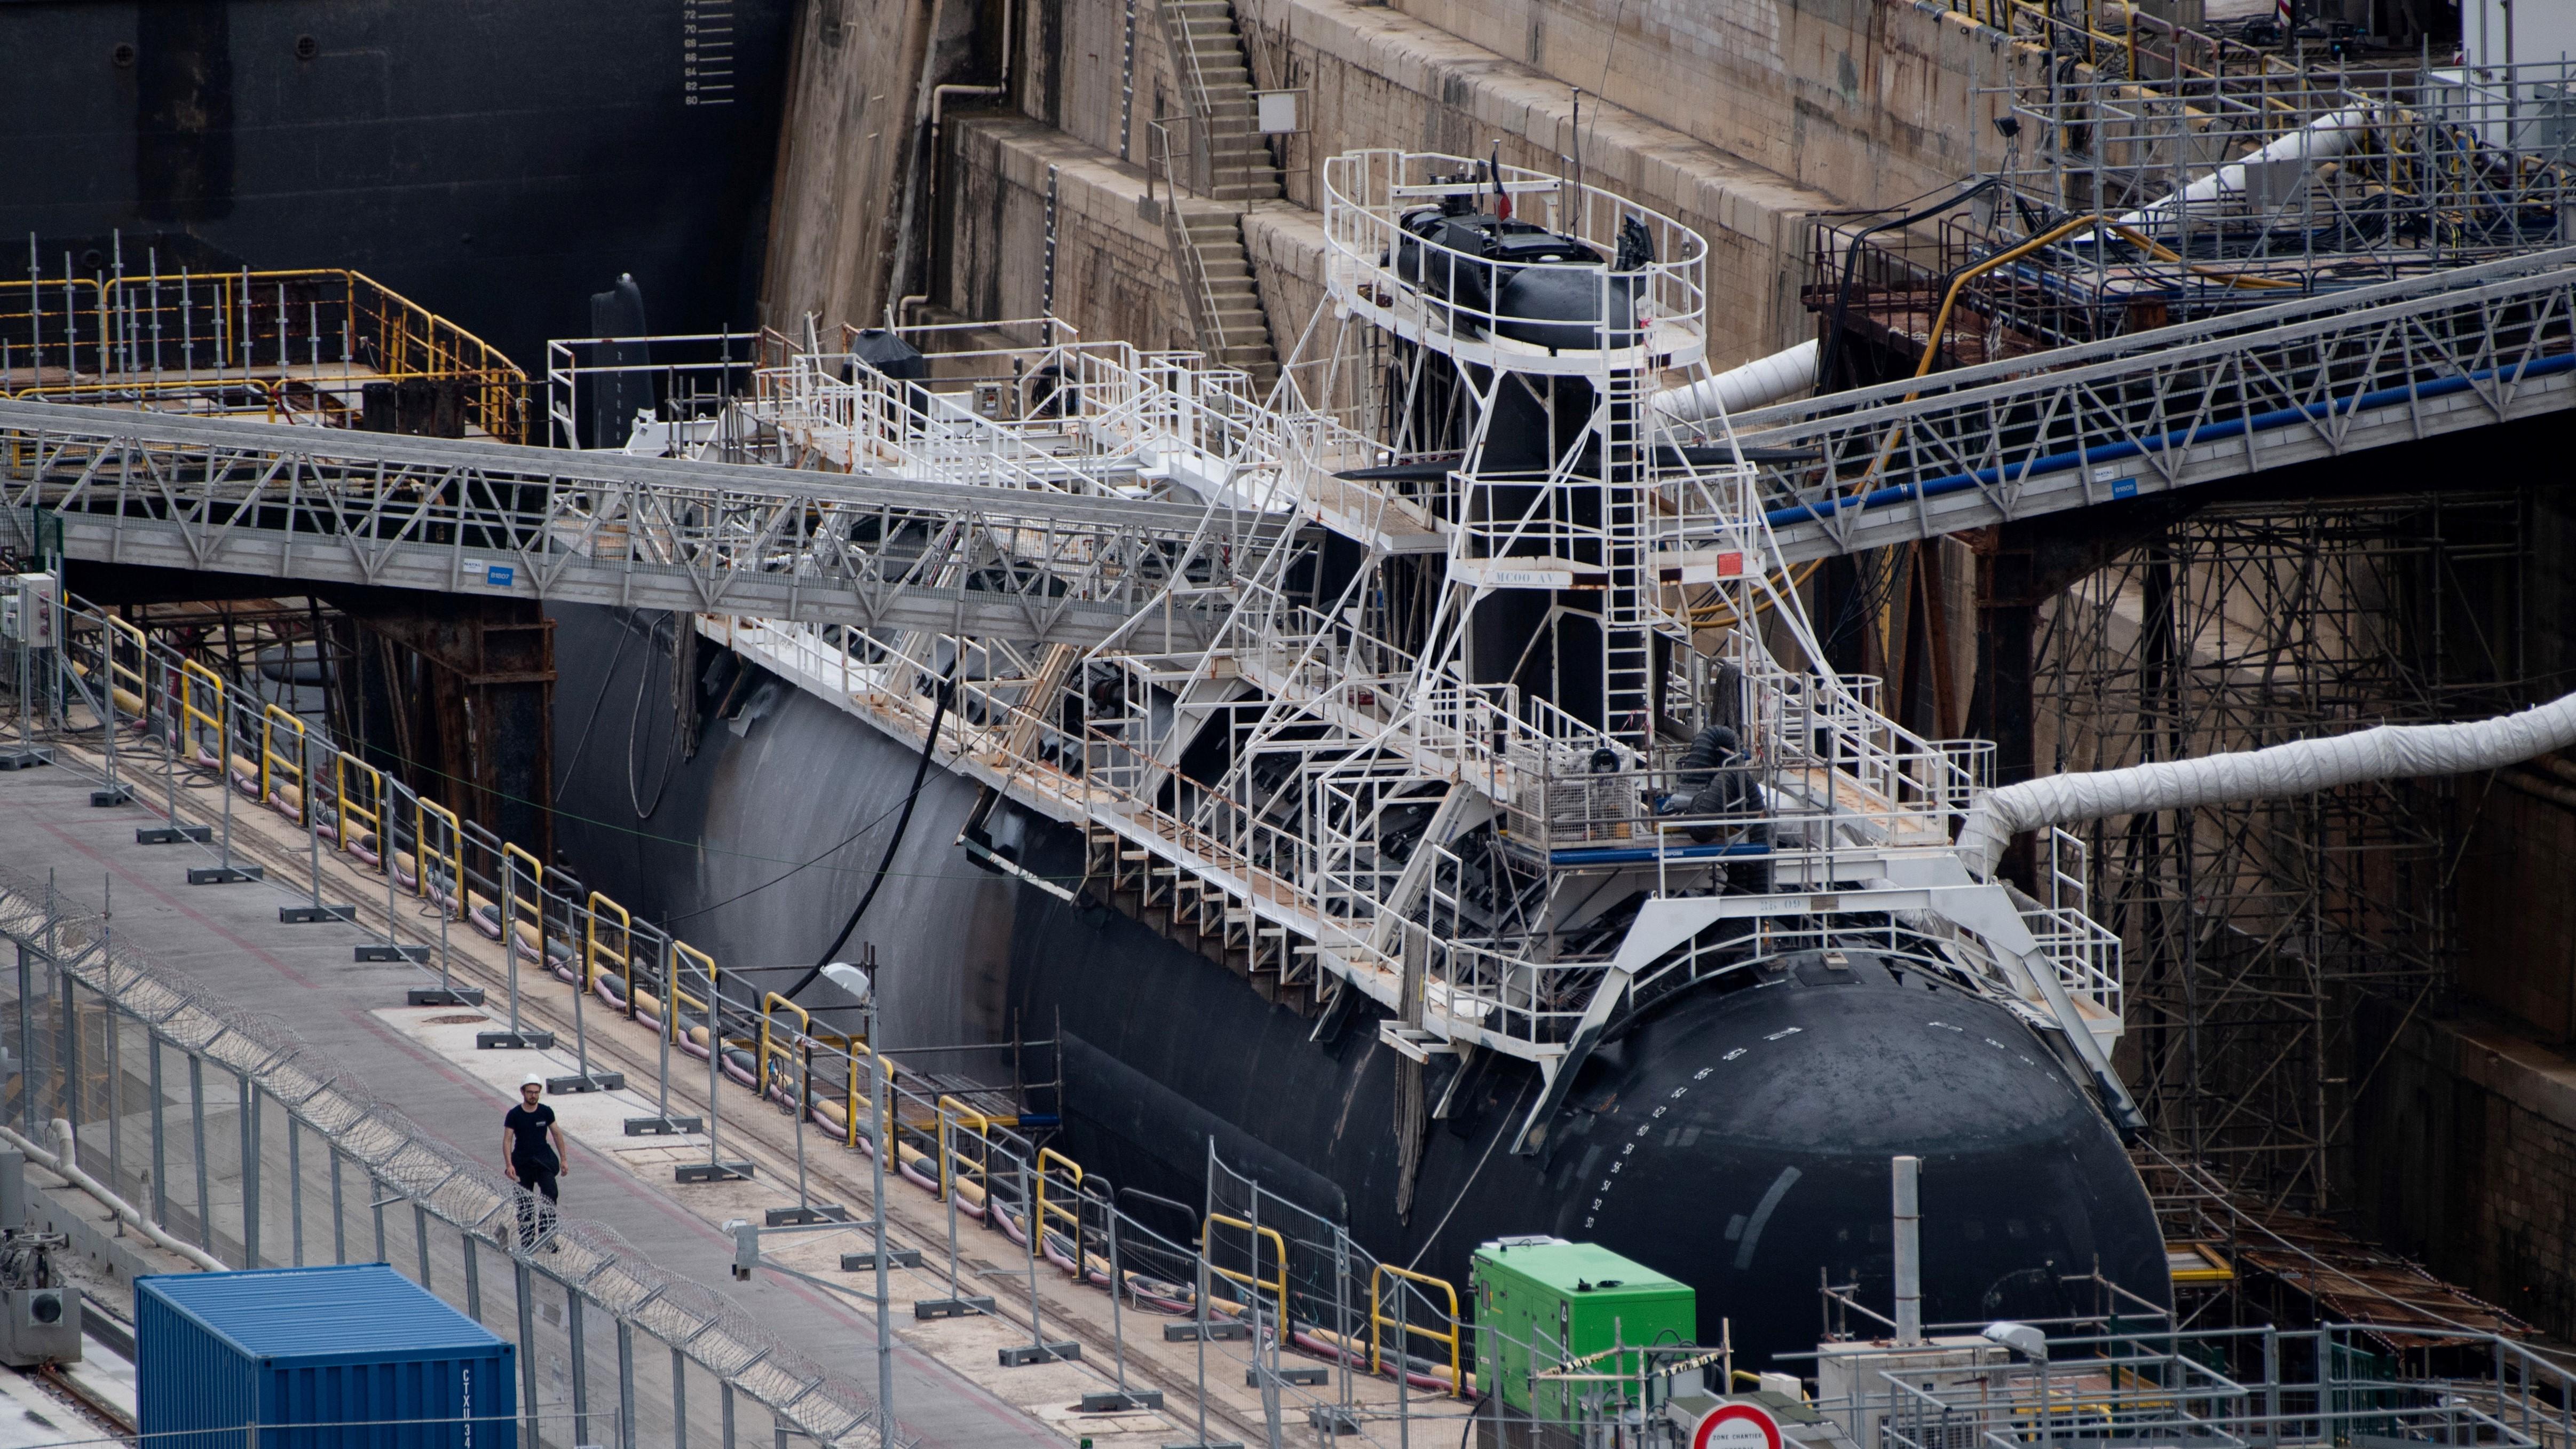 Eloltották a tüzet a francia atom-tengeralattjárón Toulonban